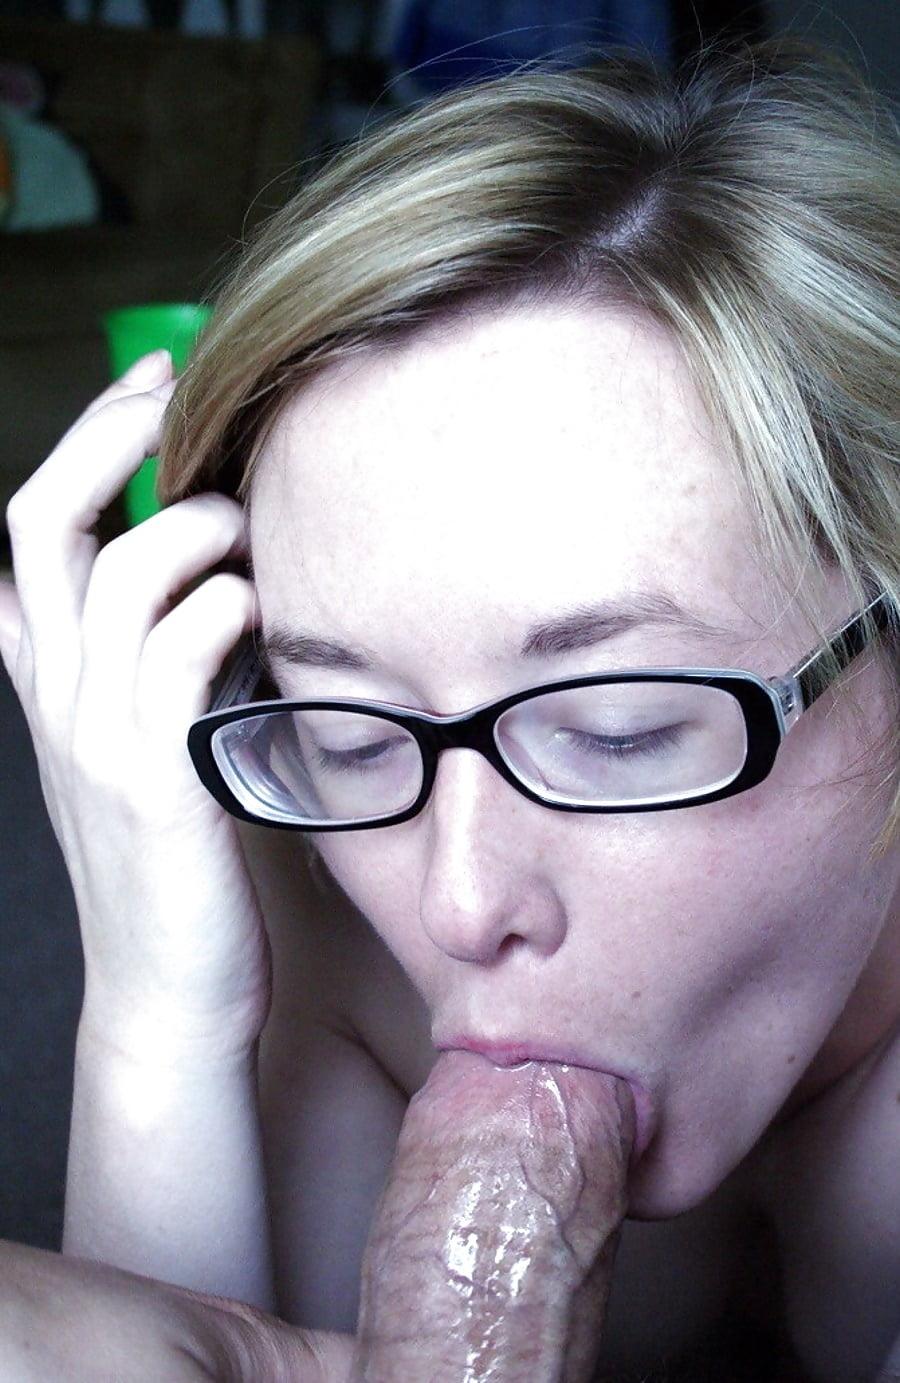 busty-nerd-blow-job-hot-girl-undressing